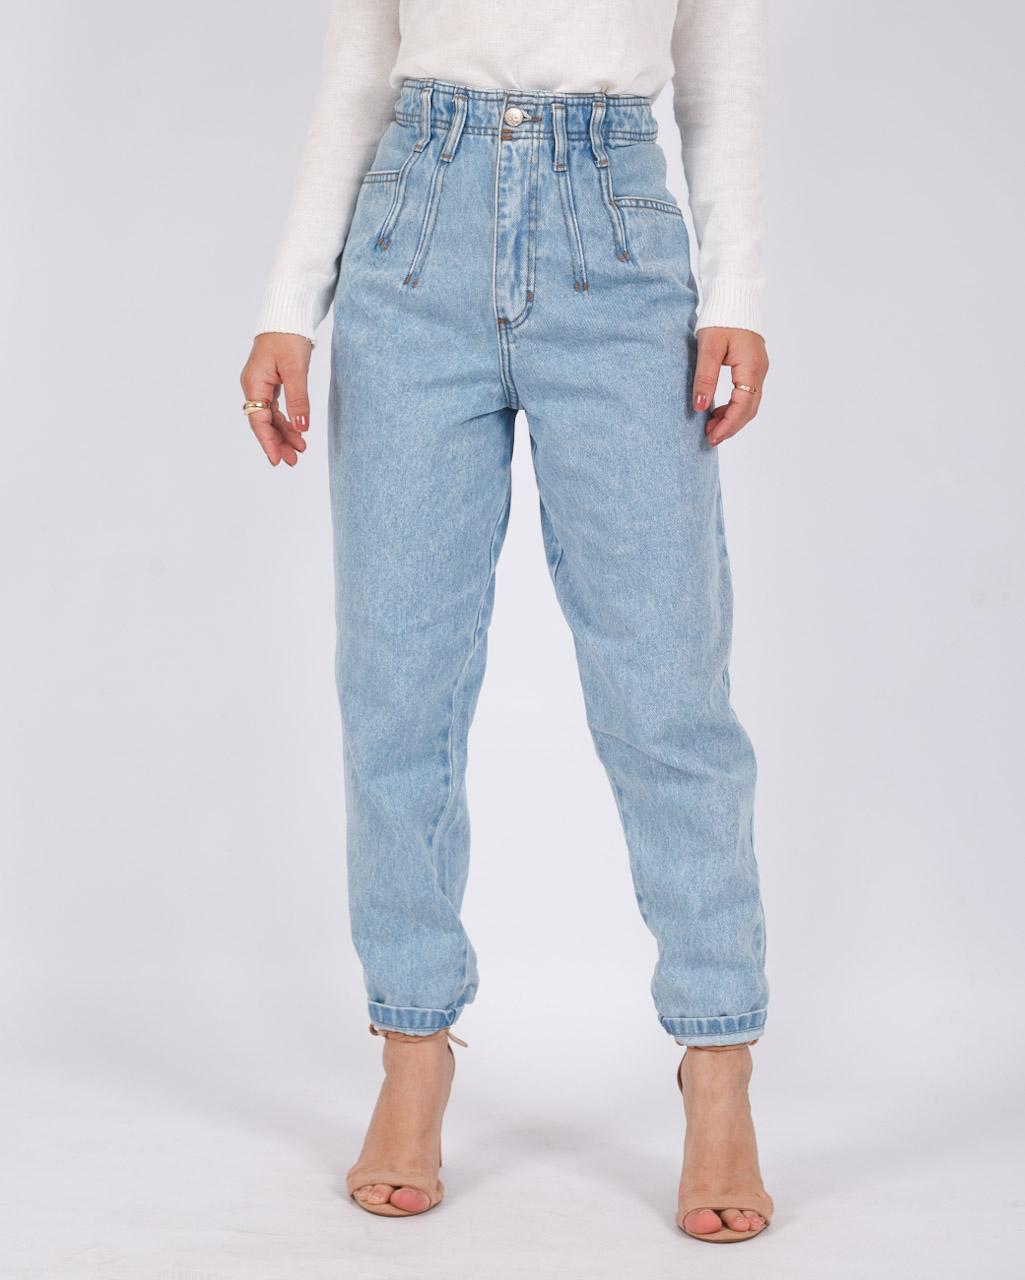 Calça Jeans Pences Frente